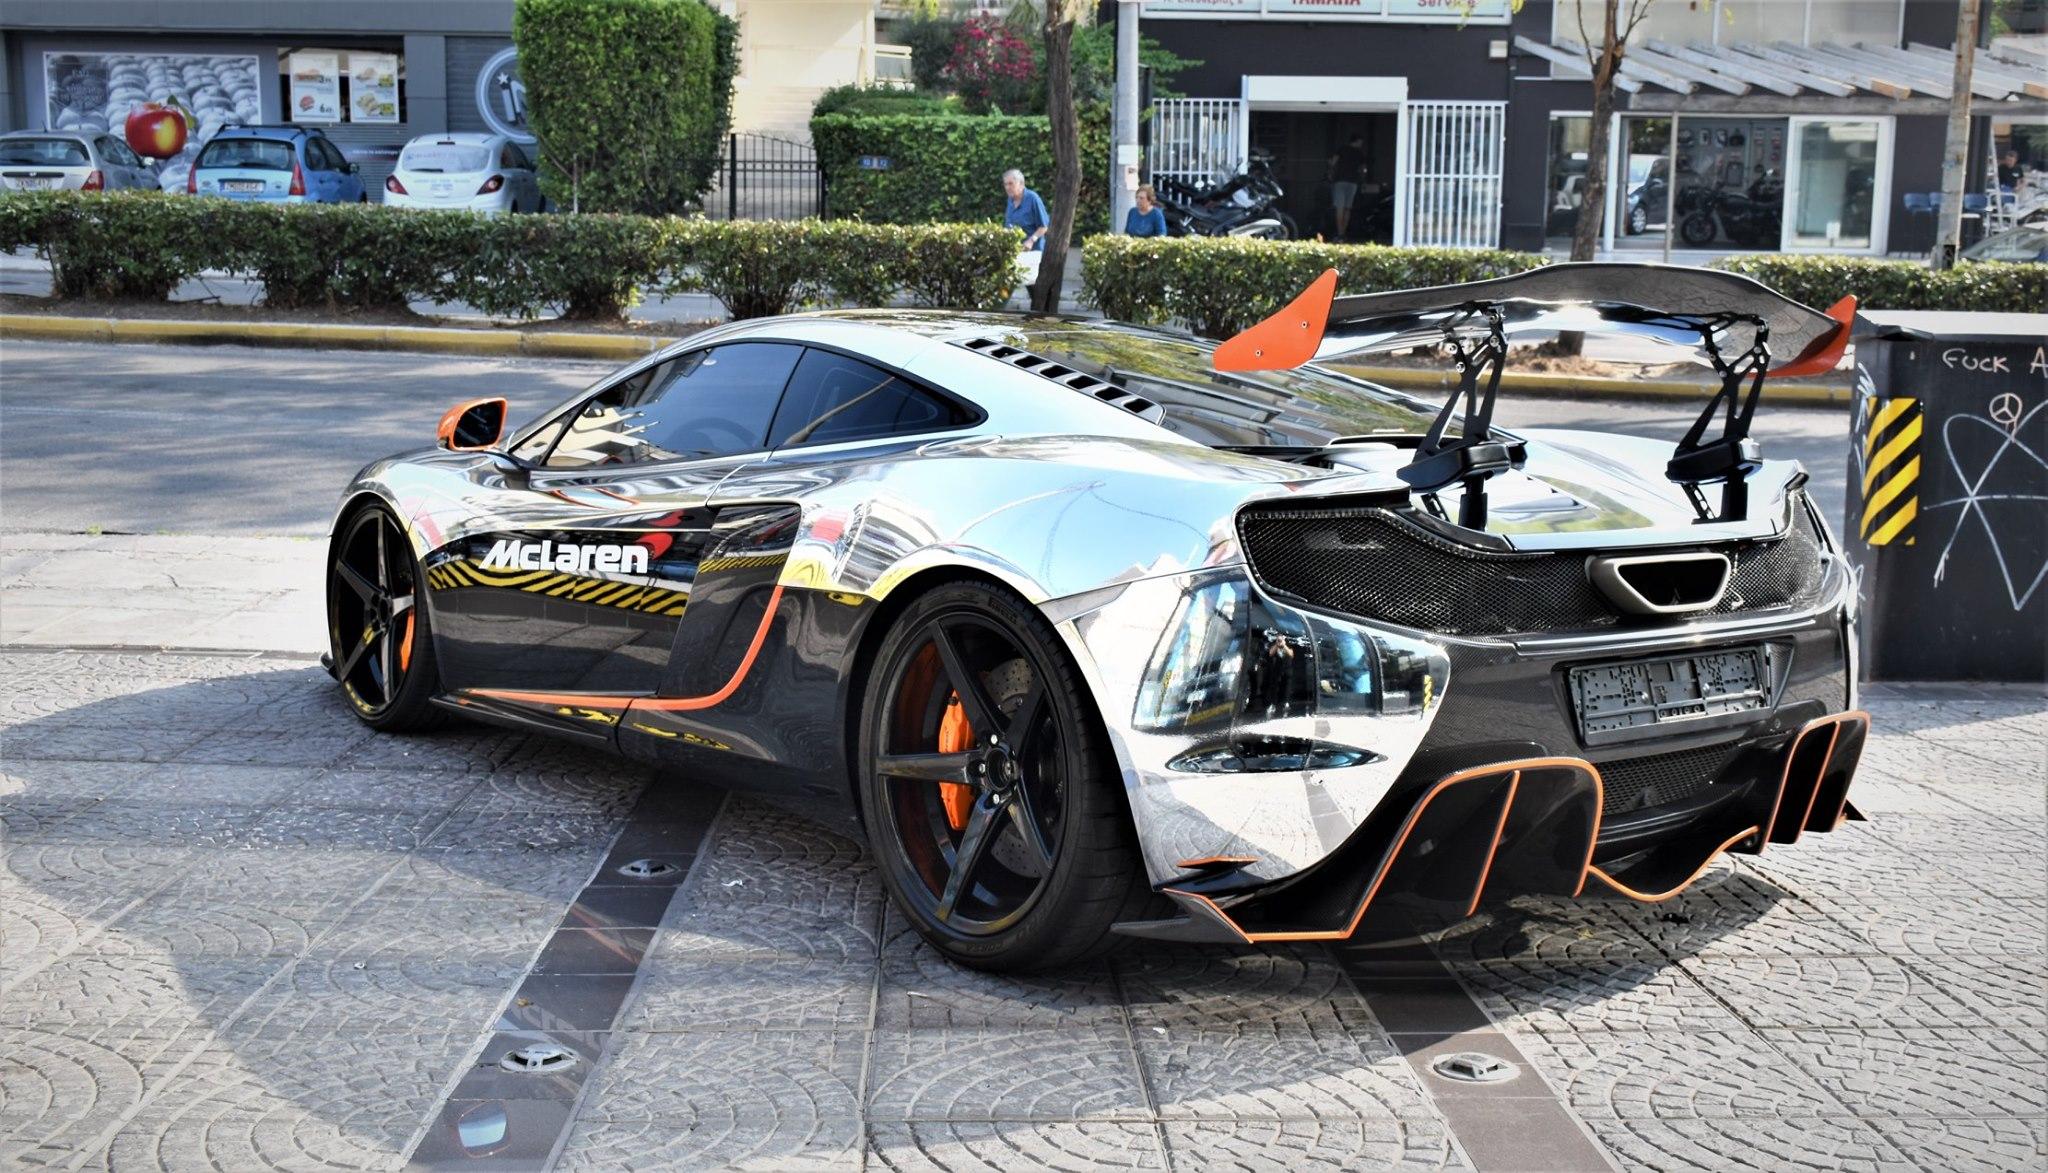 McLaren_650S_accident_0002